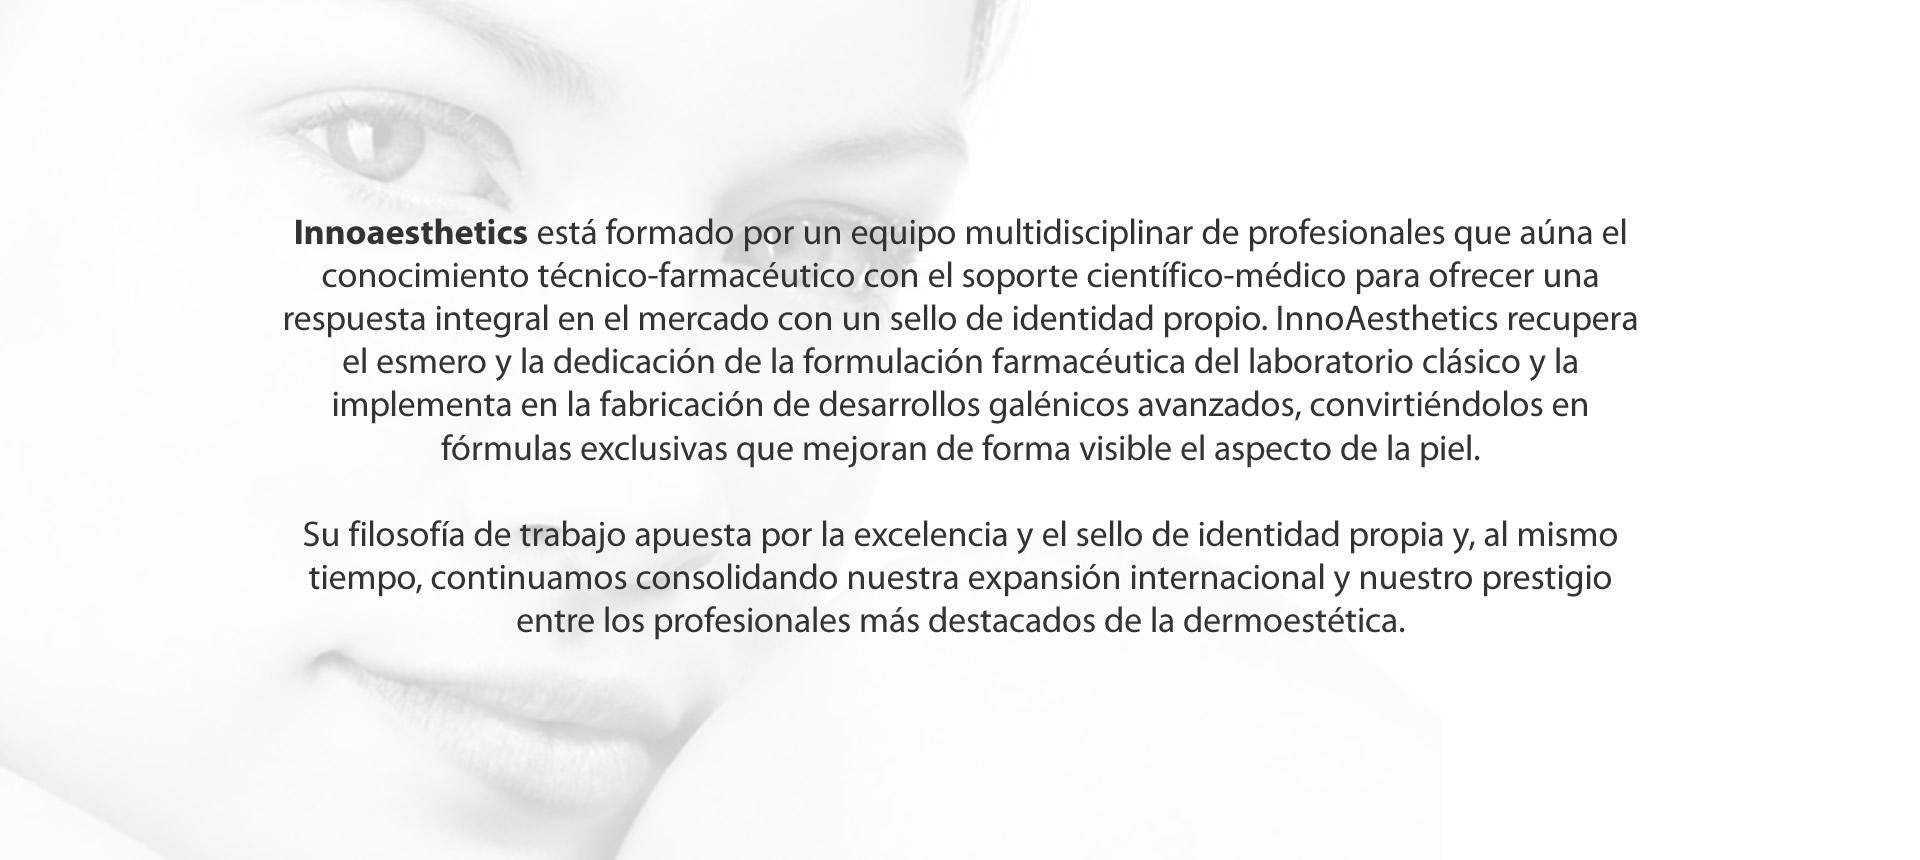 Mesoestetic Pharma Group es una multinacional farmacéutica especializada en el desarrollo, la fabricación y la comercialización de medicamentos tópicos, productos sanitarios, equipos médico-estéticos, cosmecéuticos y nutricéuticos para los profesionales de la estética. Desde su creación en 1984, mesoestetic Pharma Group proporciona soluciones cosméticas integrales caracterizadas por su elevado grado de innovación y por su gran aporte científico.